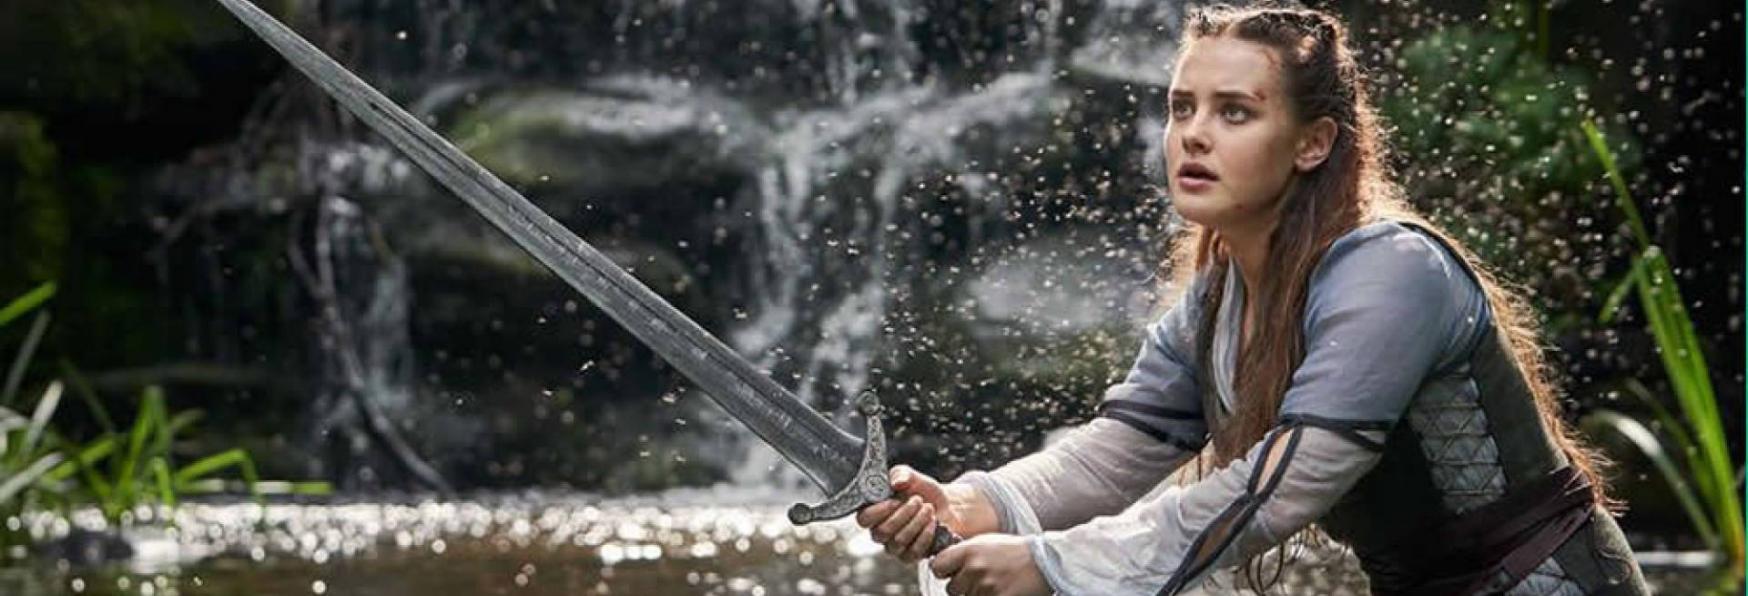 Cursed: il nuovo Trailer della Serie TV in Uscita a Luglio su Netflix